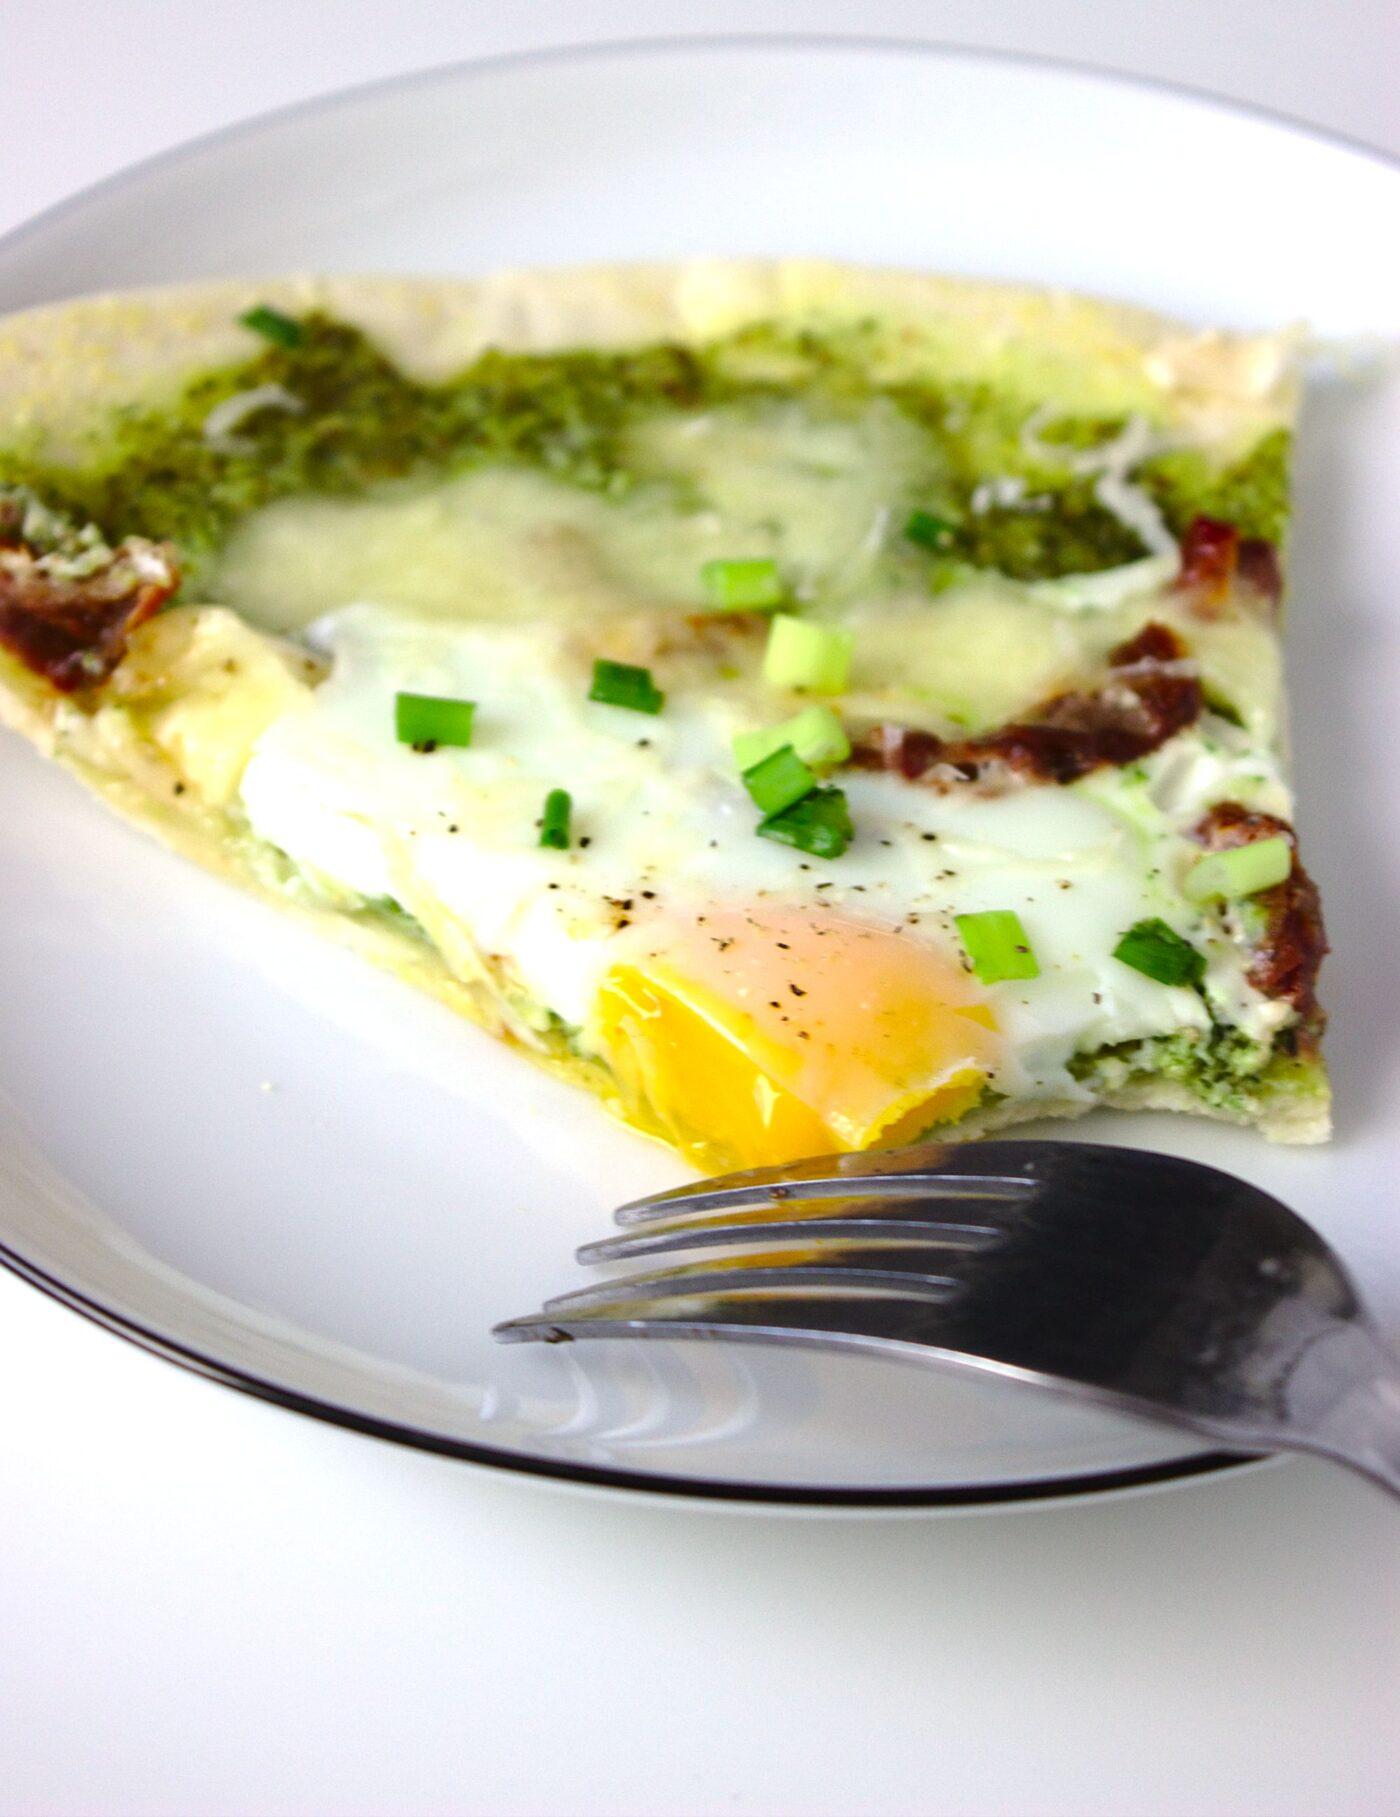 Szybka pizza śniadaniowa z jajkami, pesto, suszonymi pomidorami i mozzarellą